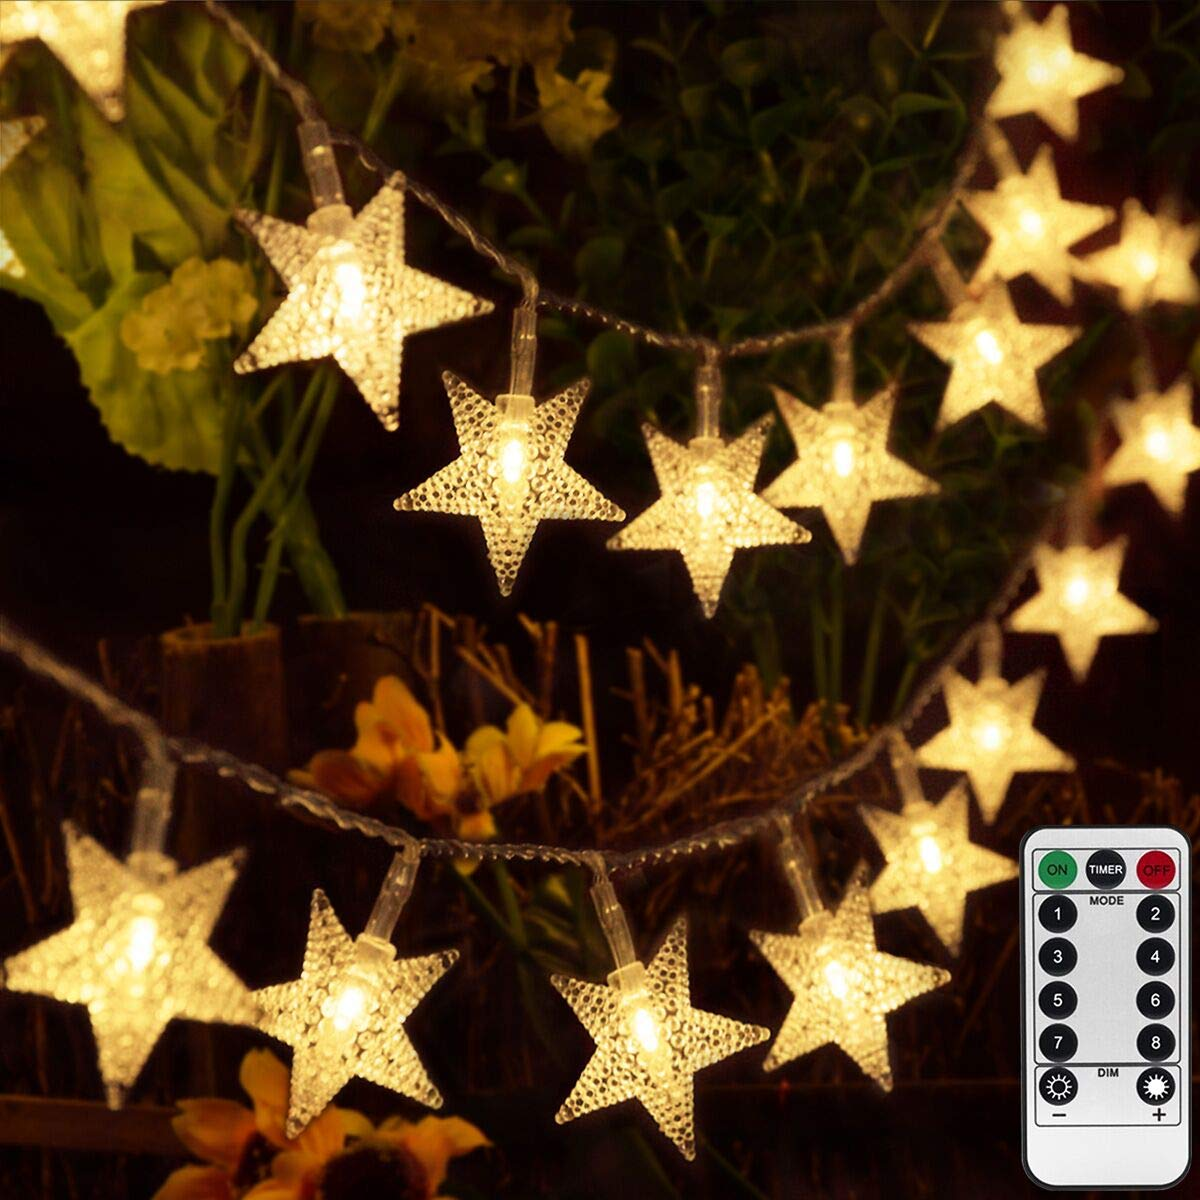 kingleder 25ft 50 LED Xmas Star Light Fairy String Light w/Remote for Christmas Weddings Family Festival Party (Warm White)